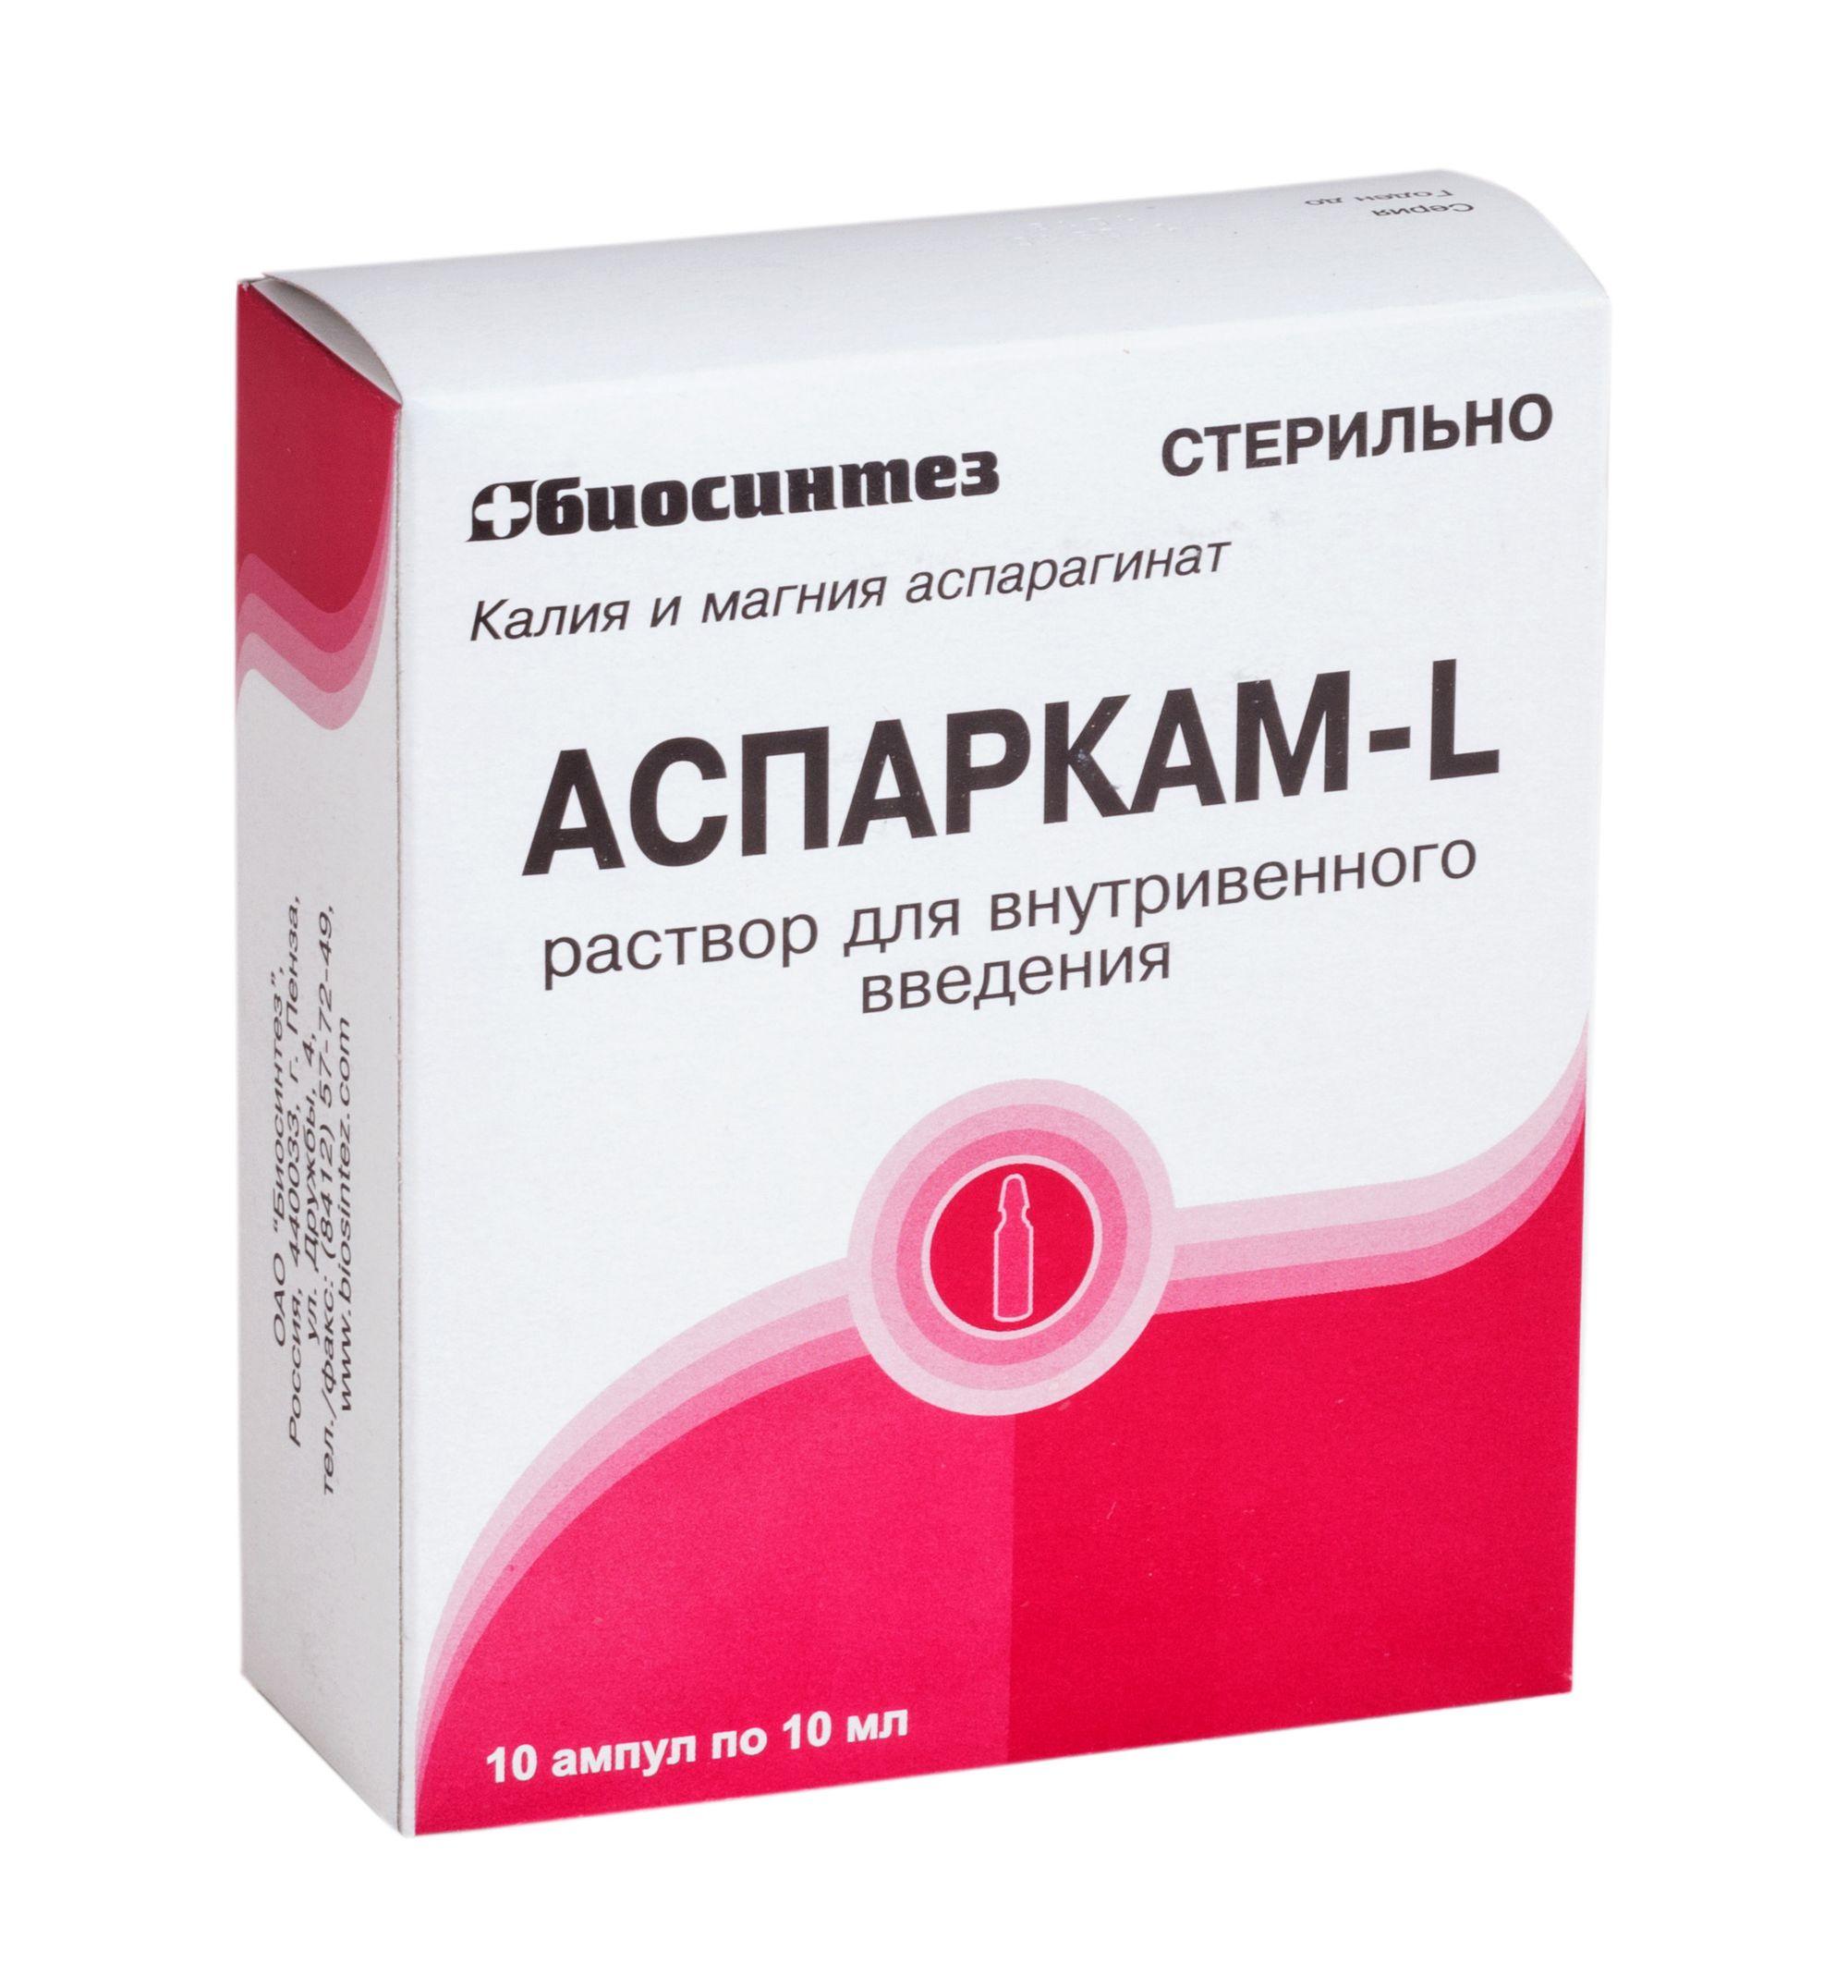 Аспаркам-L, раствор для внутривенного введения, 10 мл, 10 шт.